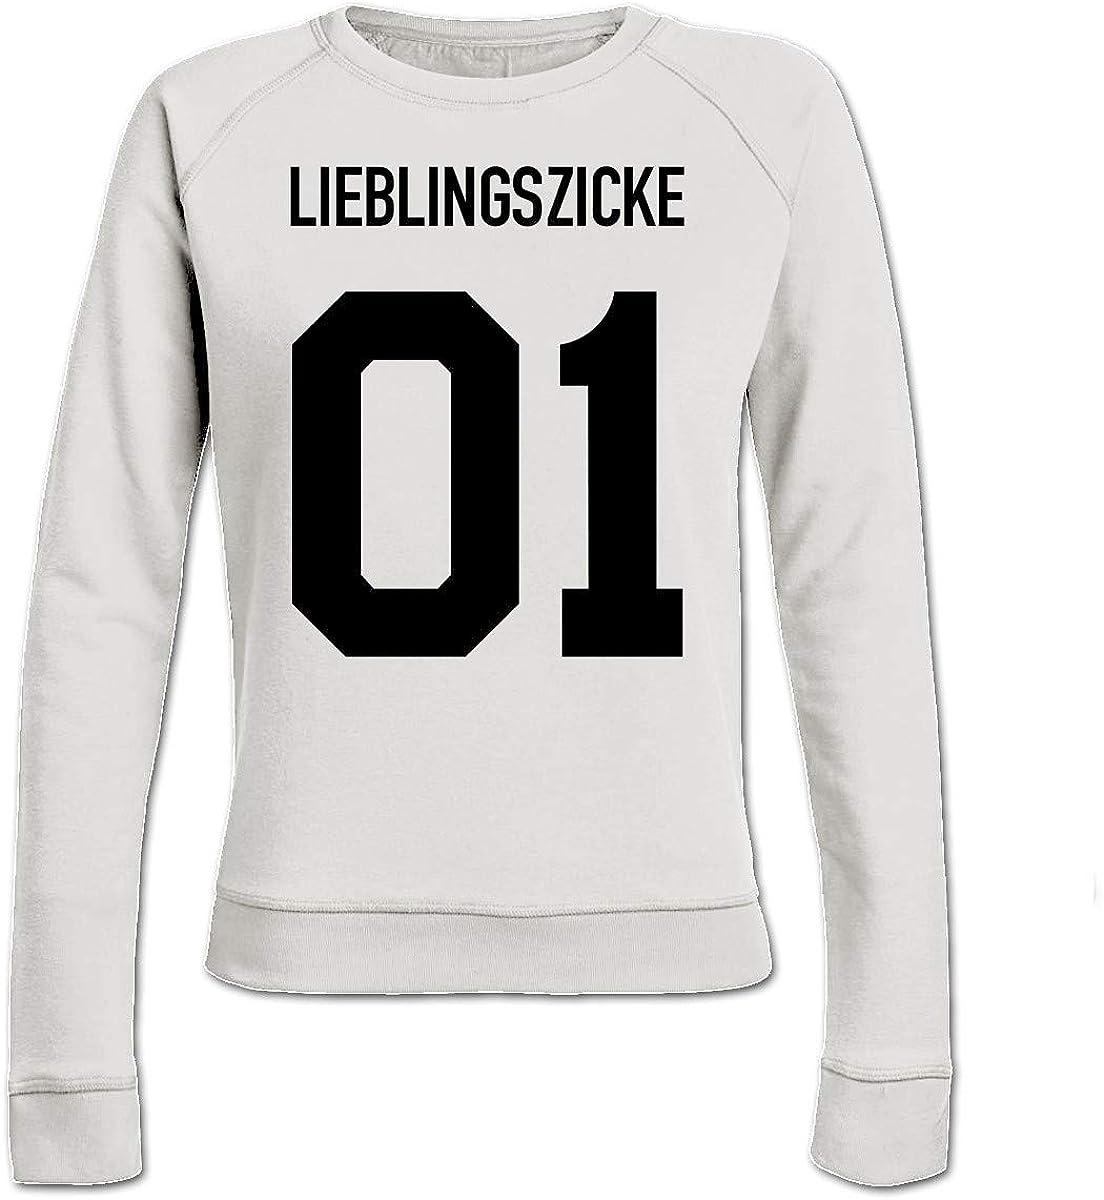 Shirtcity Lieblingszicke 01 Frauen Sweatshirt by